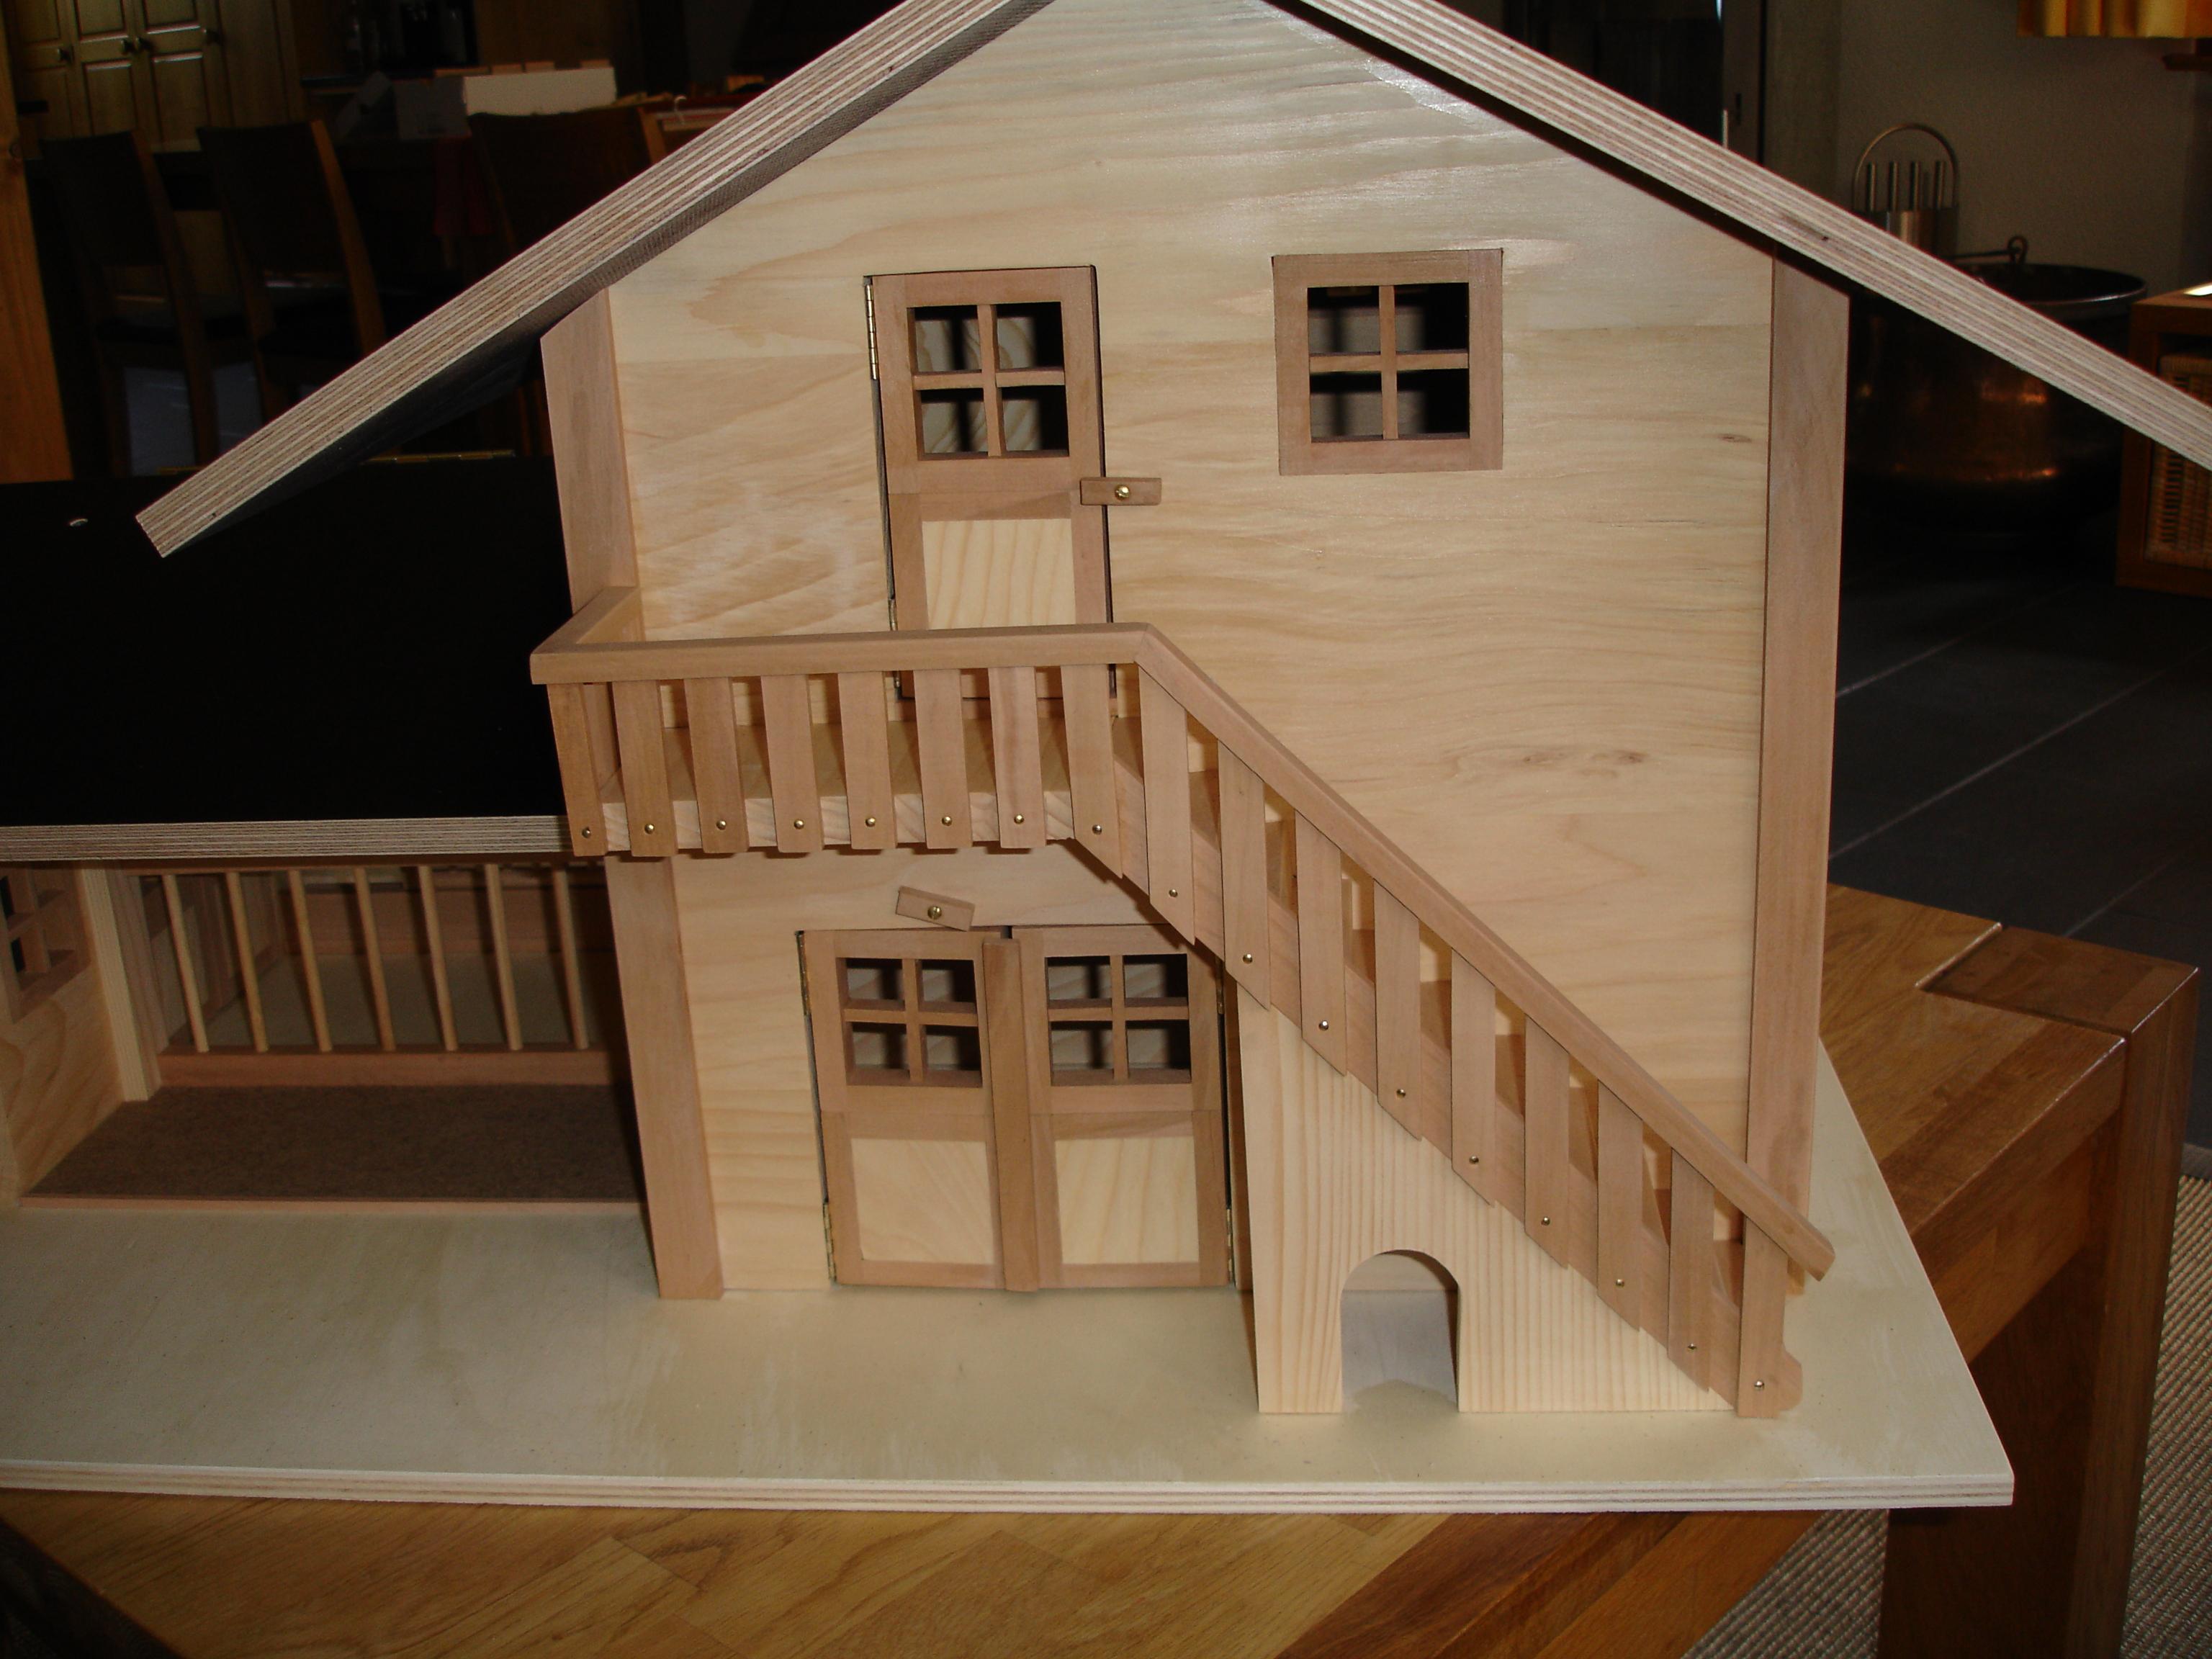 stall mit wohnung spielhaus puppenhaus. Black Bedroom Furniture Sets. Home Design Ideas